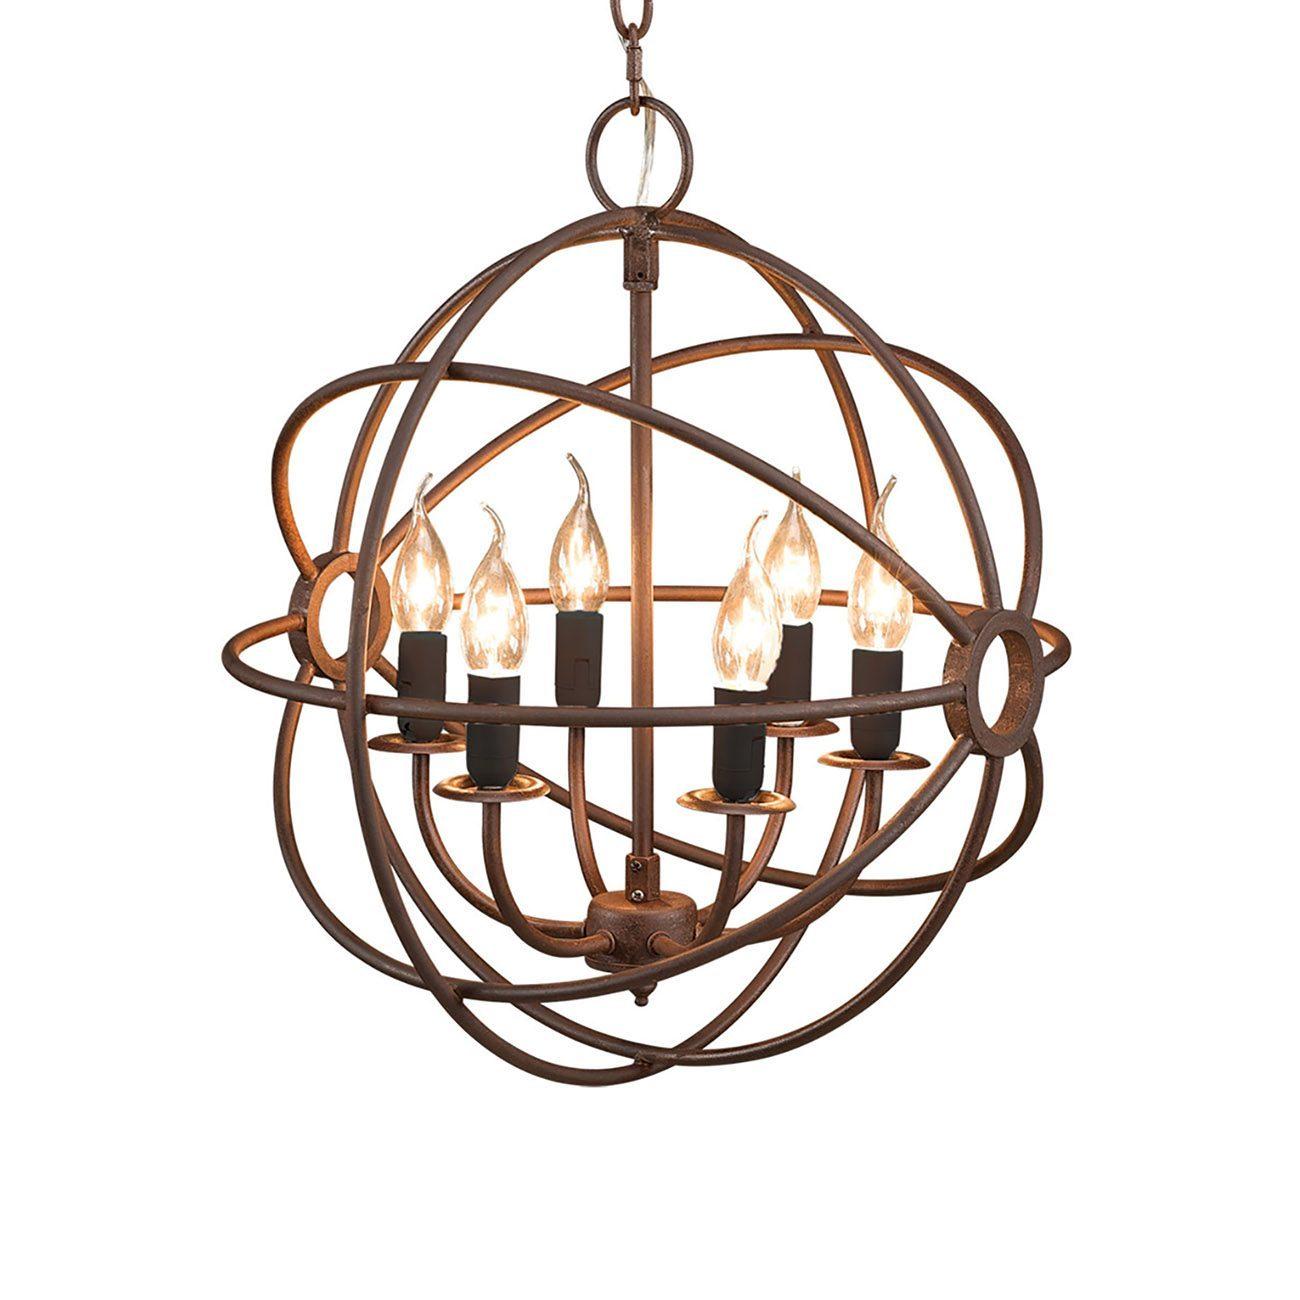 Gyro liten taklampa i metall från Artwood i färgen antik rost.